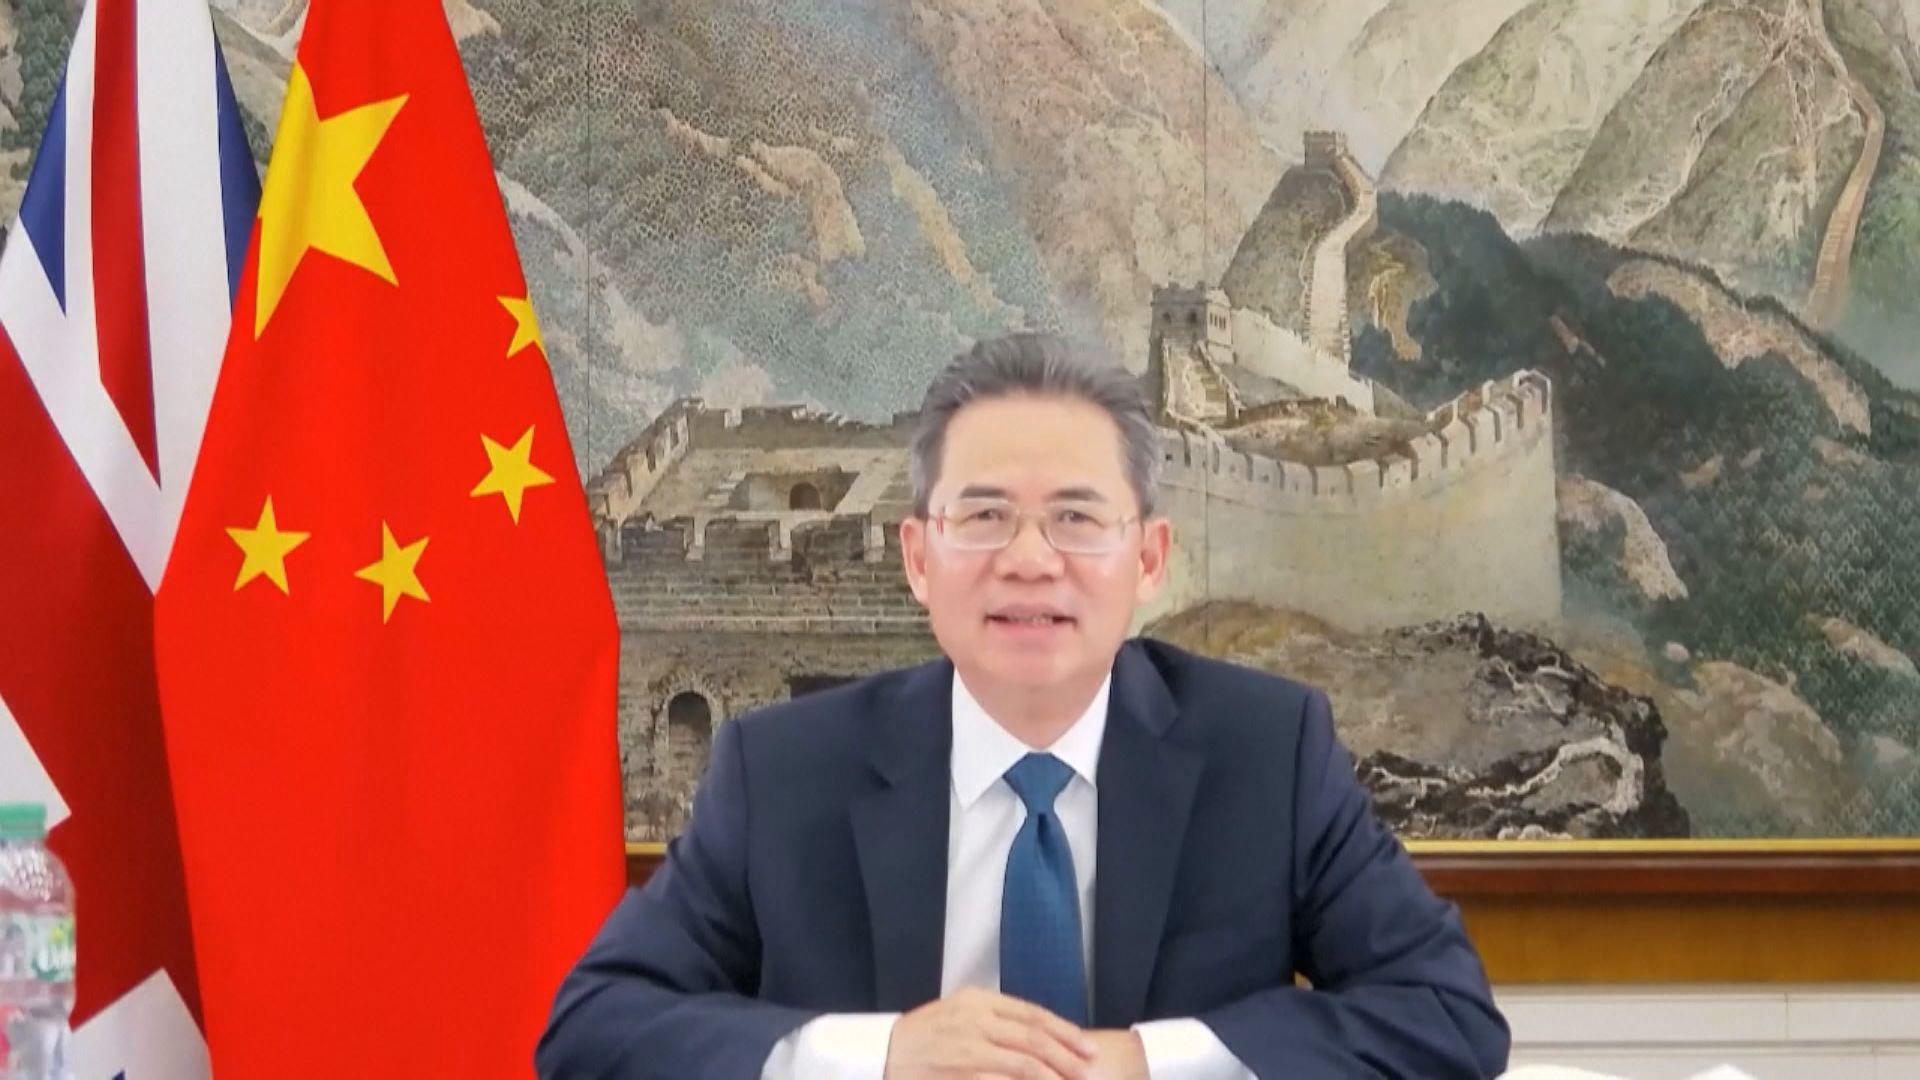 中國駐英大使訪國會遭拒 外交部表明將作必要反應